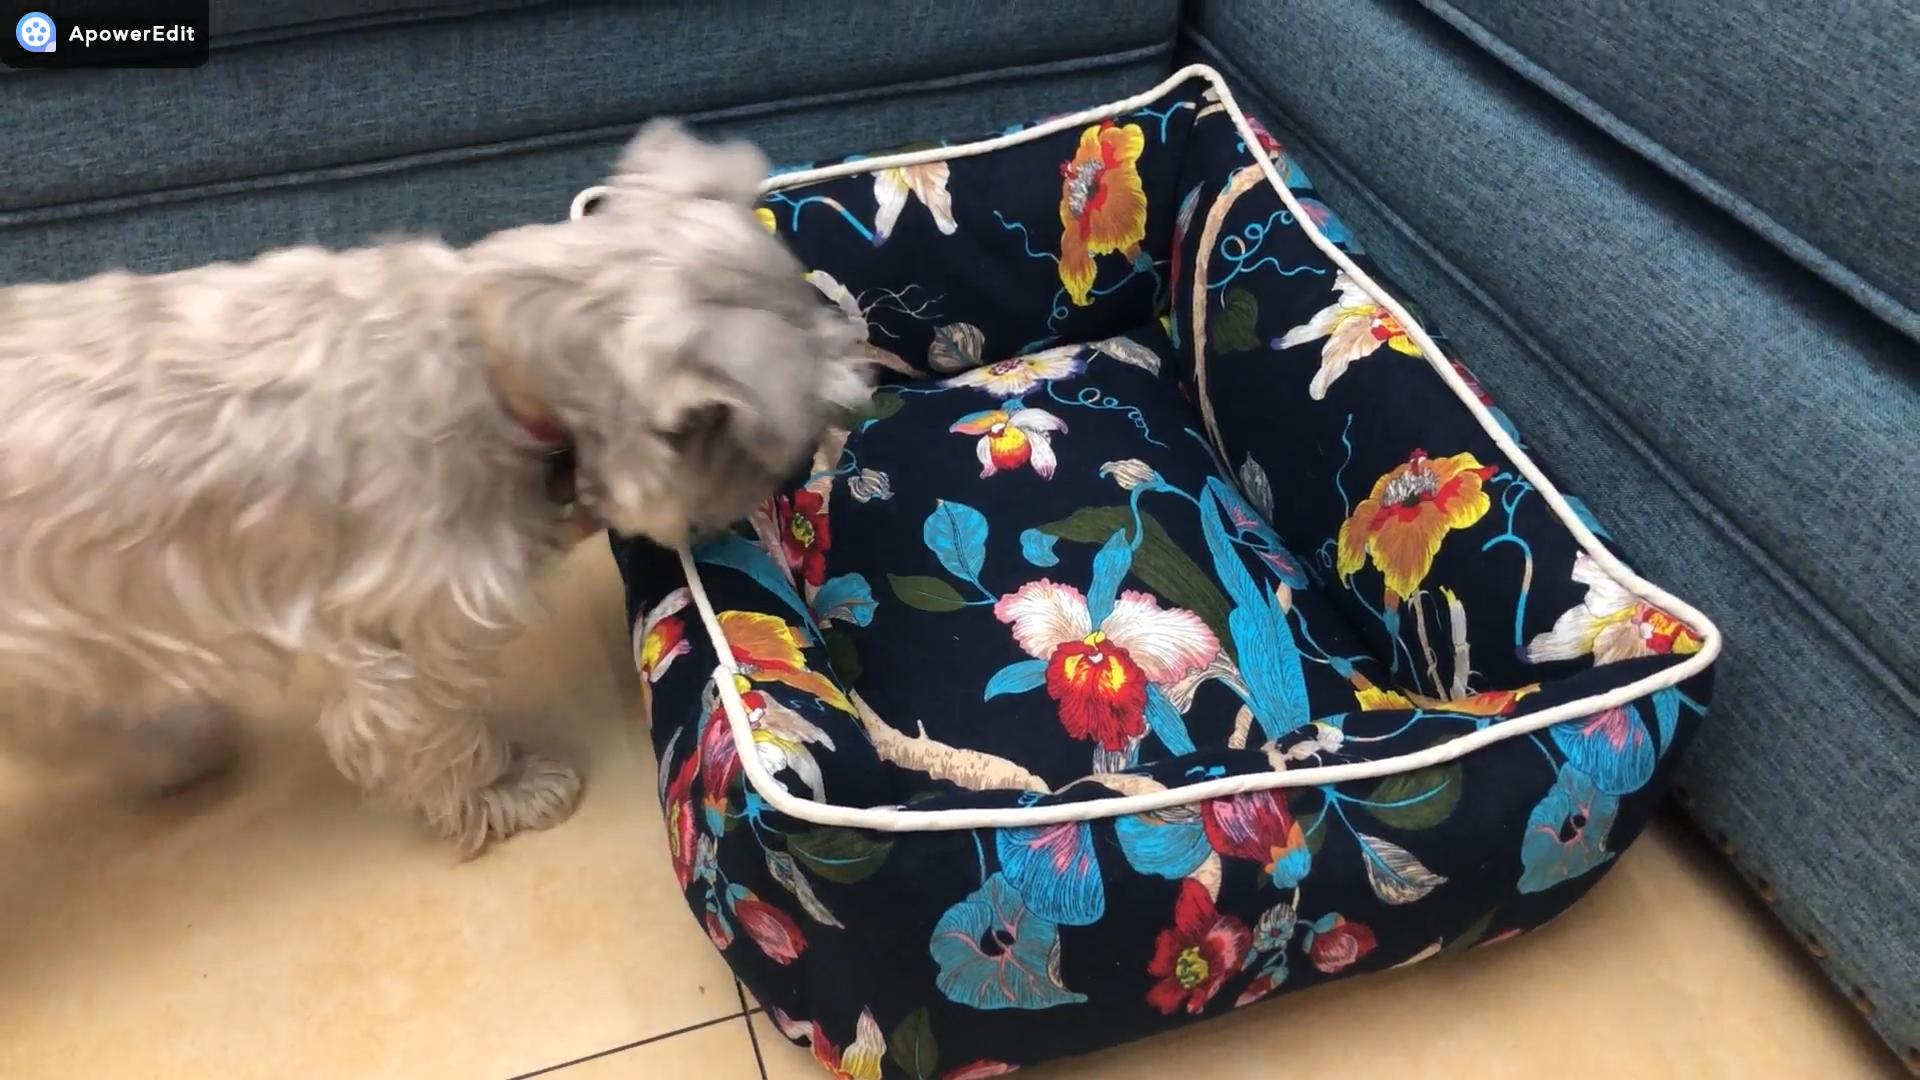 Venta al por mayor de cojín de perro de impresión Rectangular suave lavable de Estilo Vintage sofá de mascota cama de perro de lujo ortopédica para perro